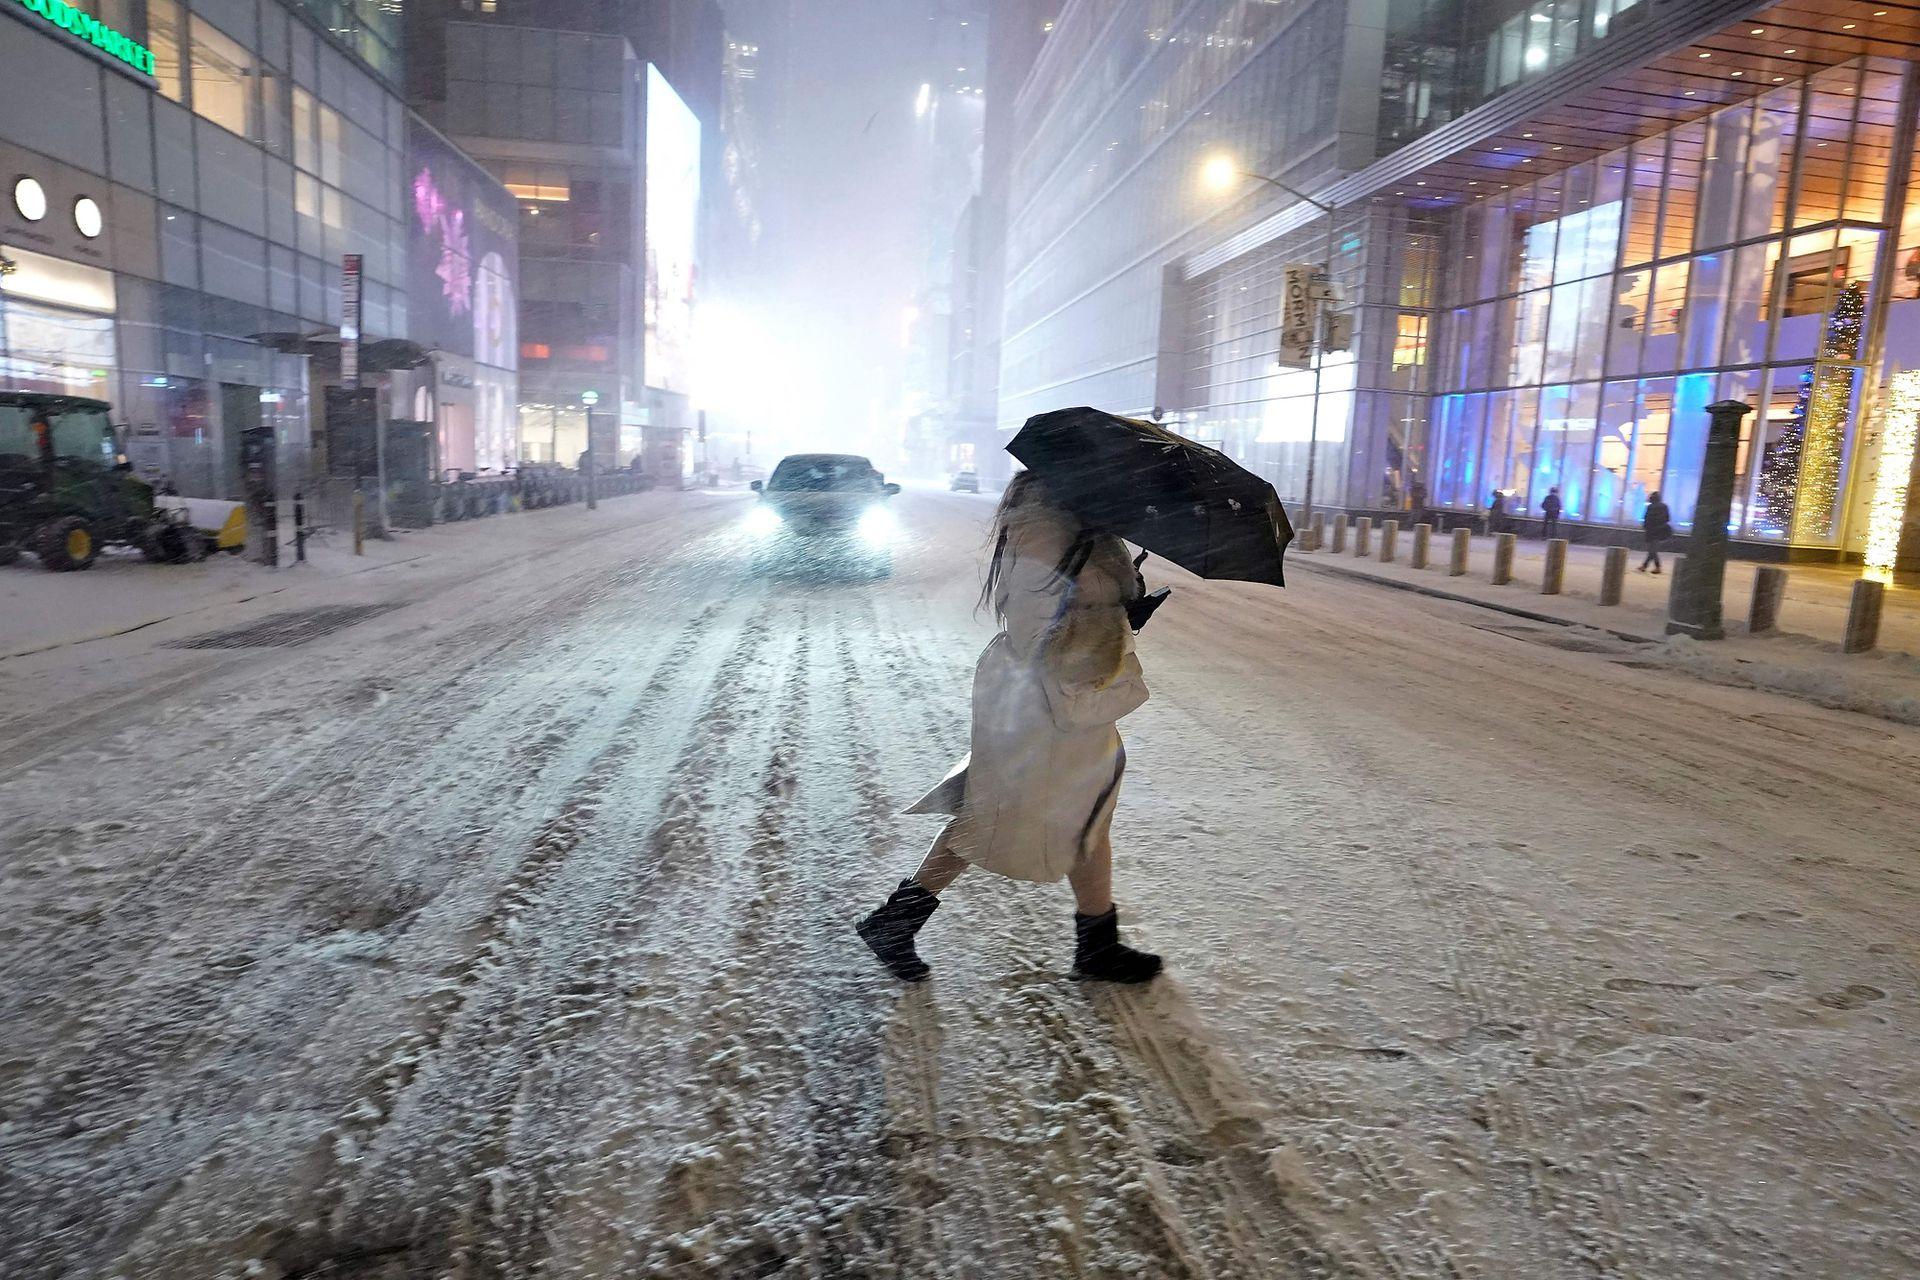 Las temperaturas han bajado drásticamente en algunas zonas del planeta lo que genera violentas tormentas de nieve que paralizan ciudades enteras; la tormenta Gail en diciembre del 2020, causó graves daños en Nueva york